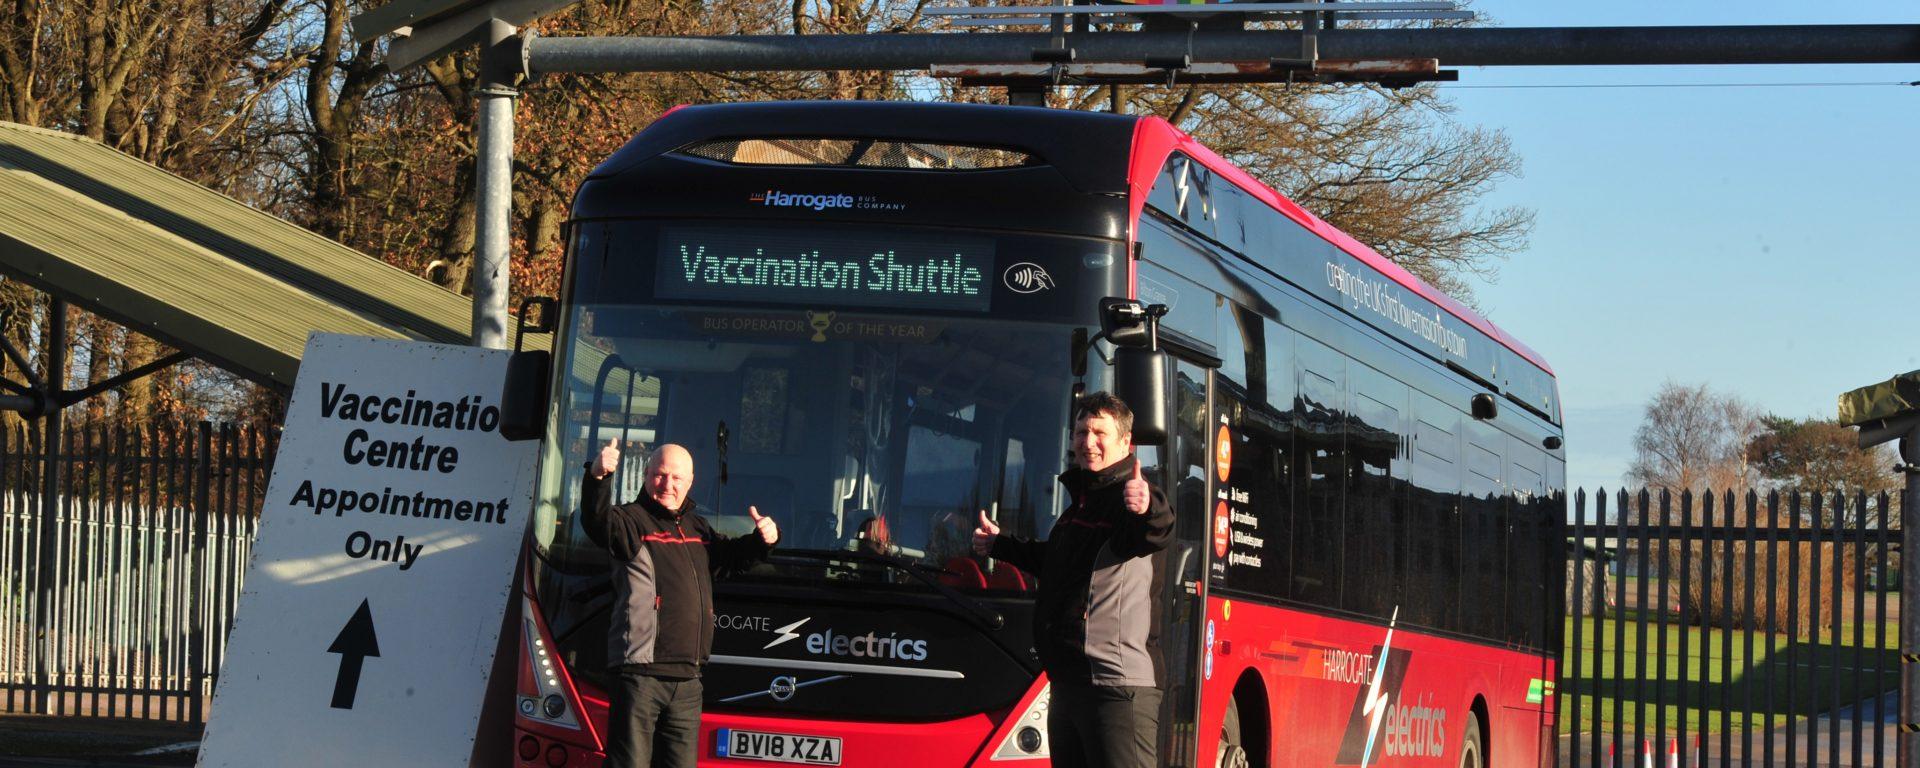 vax-shuttle